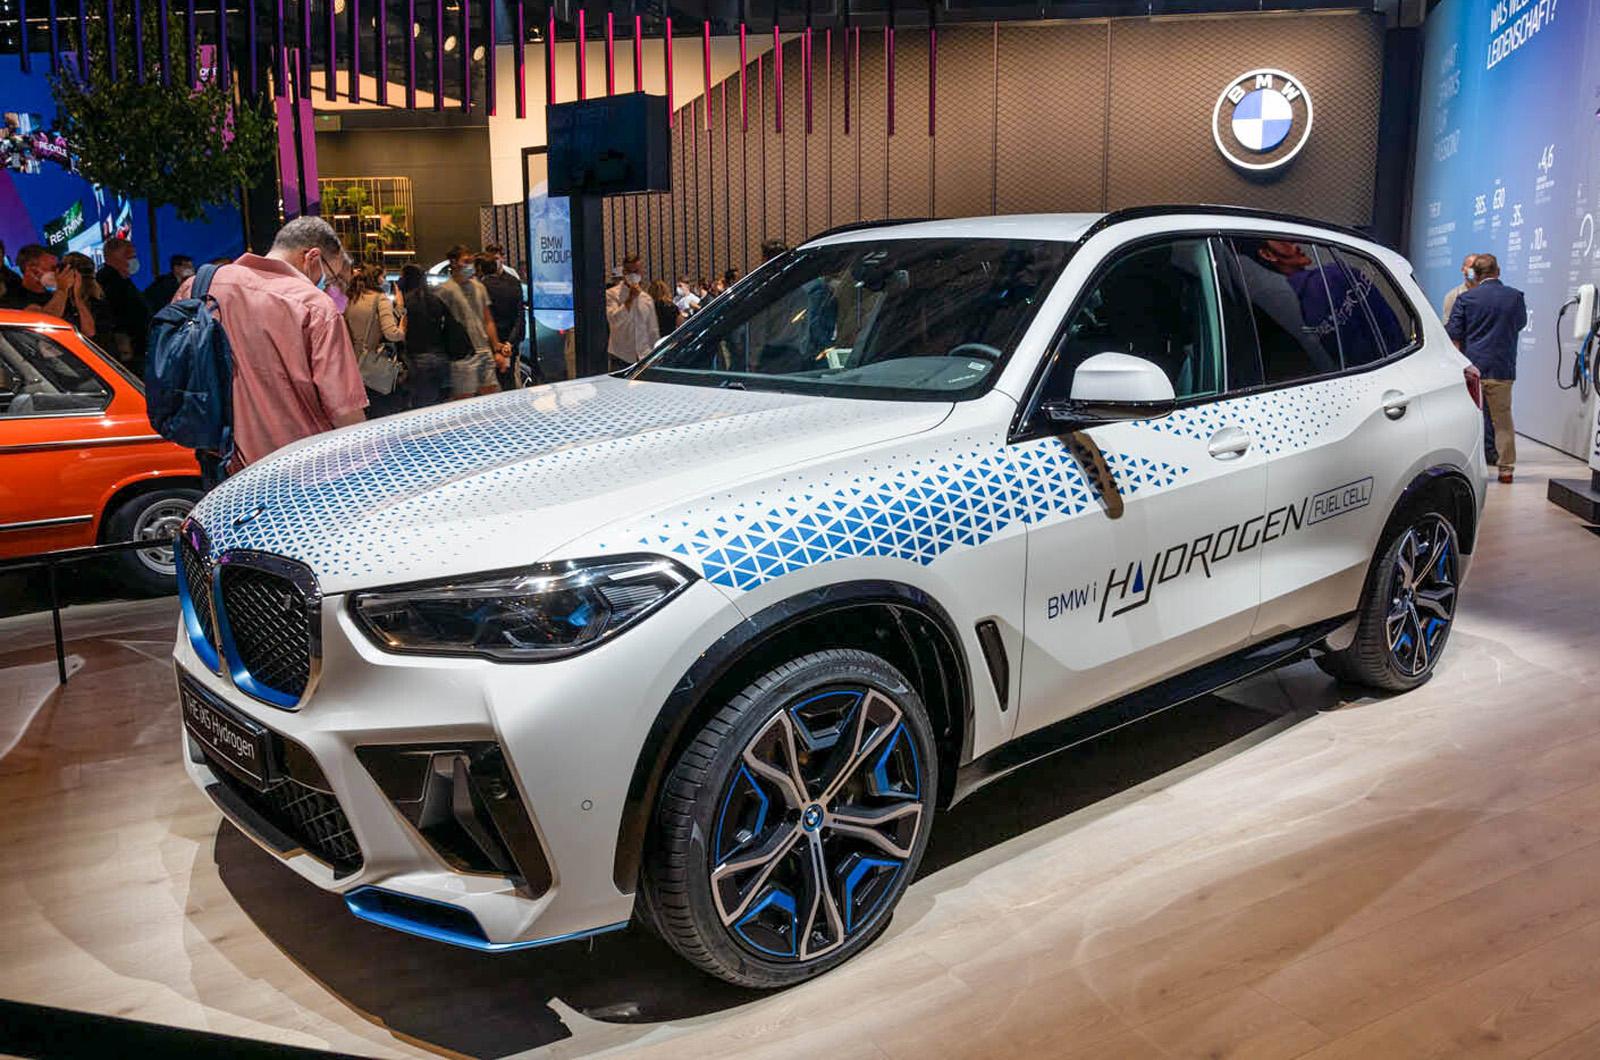 بامو و آئودی آینده ی خودروهای هیدروژنی را جدی گرفته اند